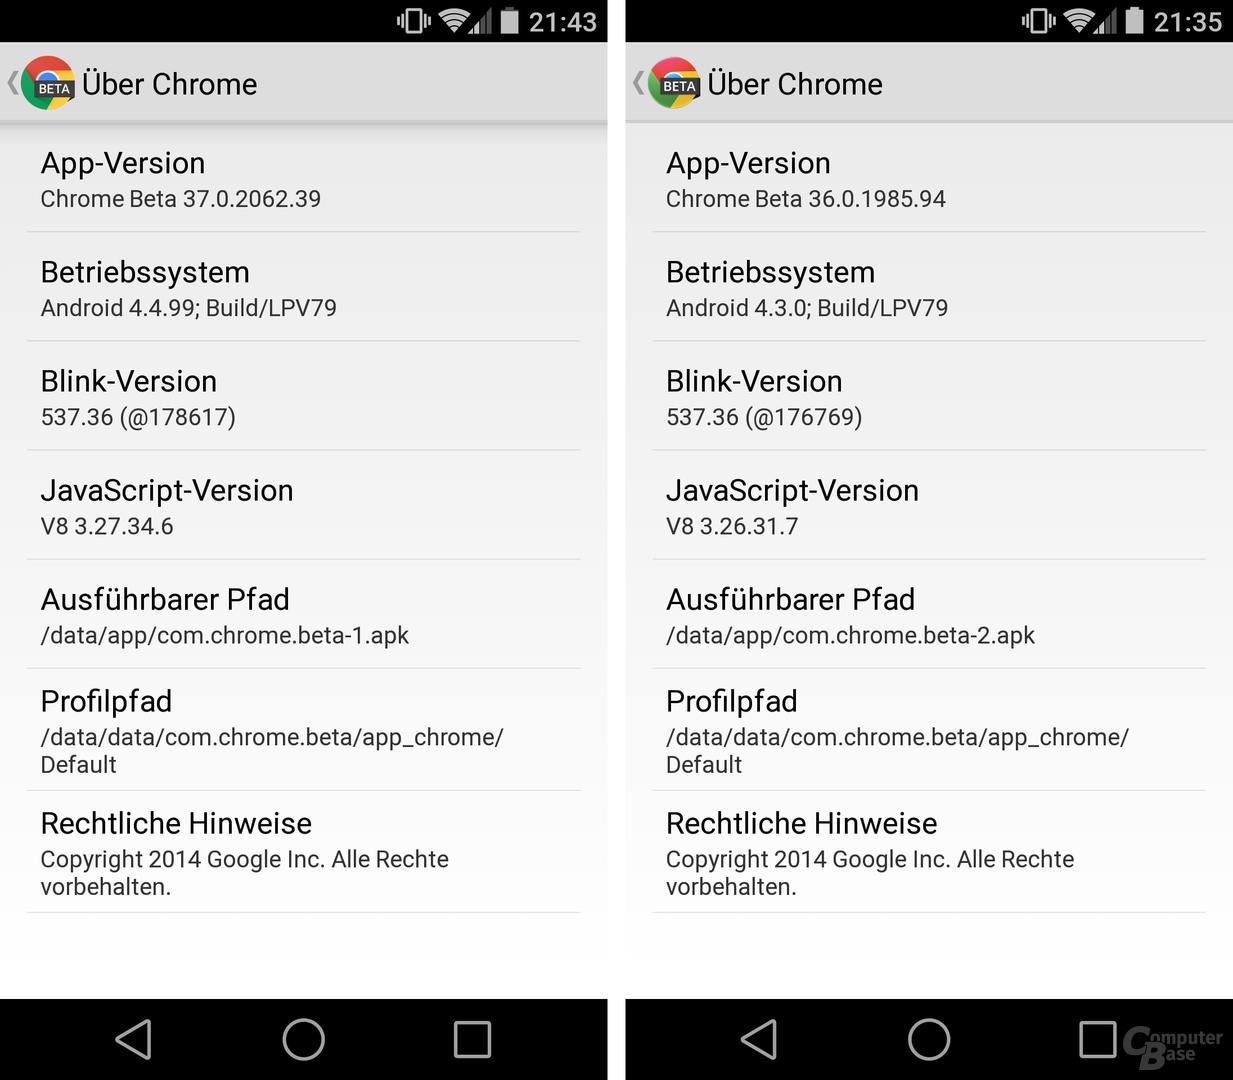 Chrome Beta 37 / 36